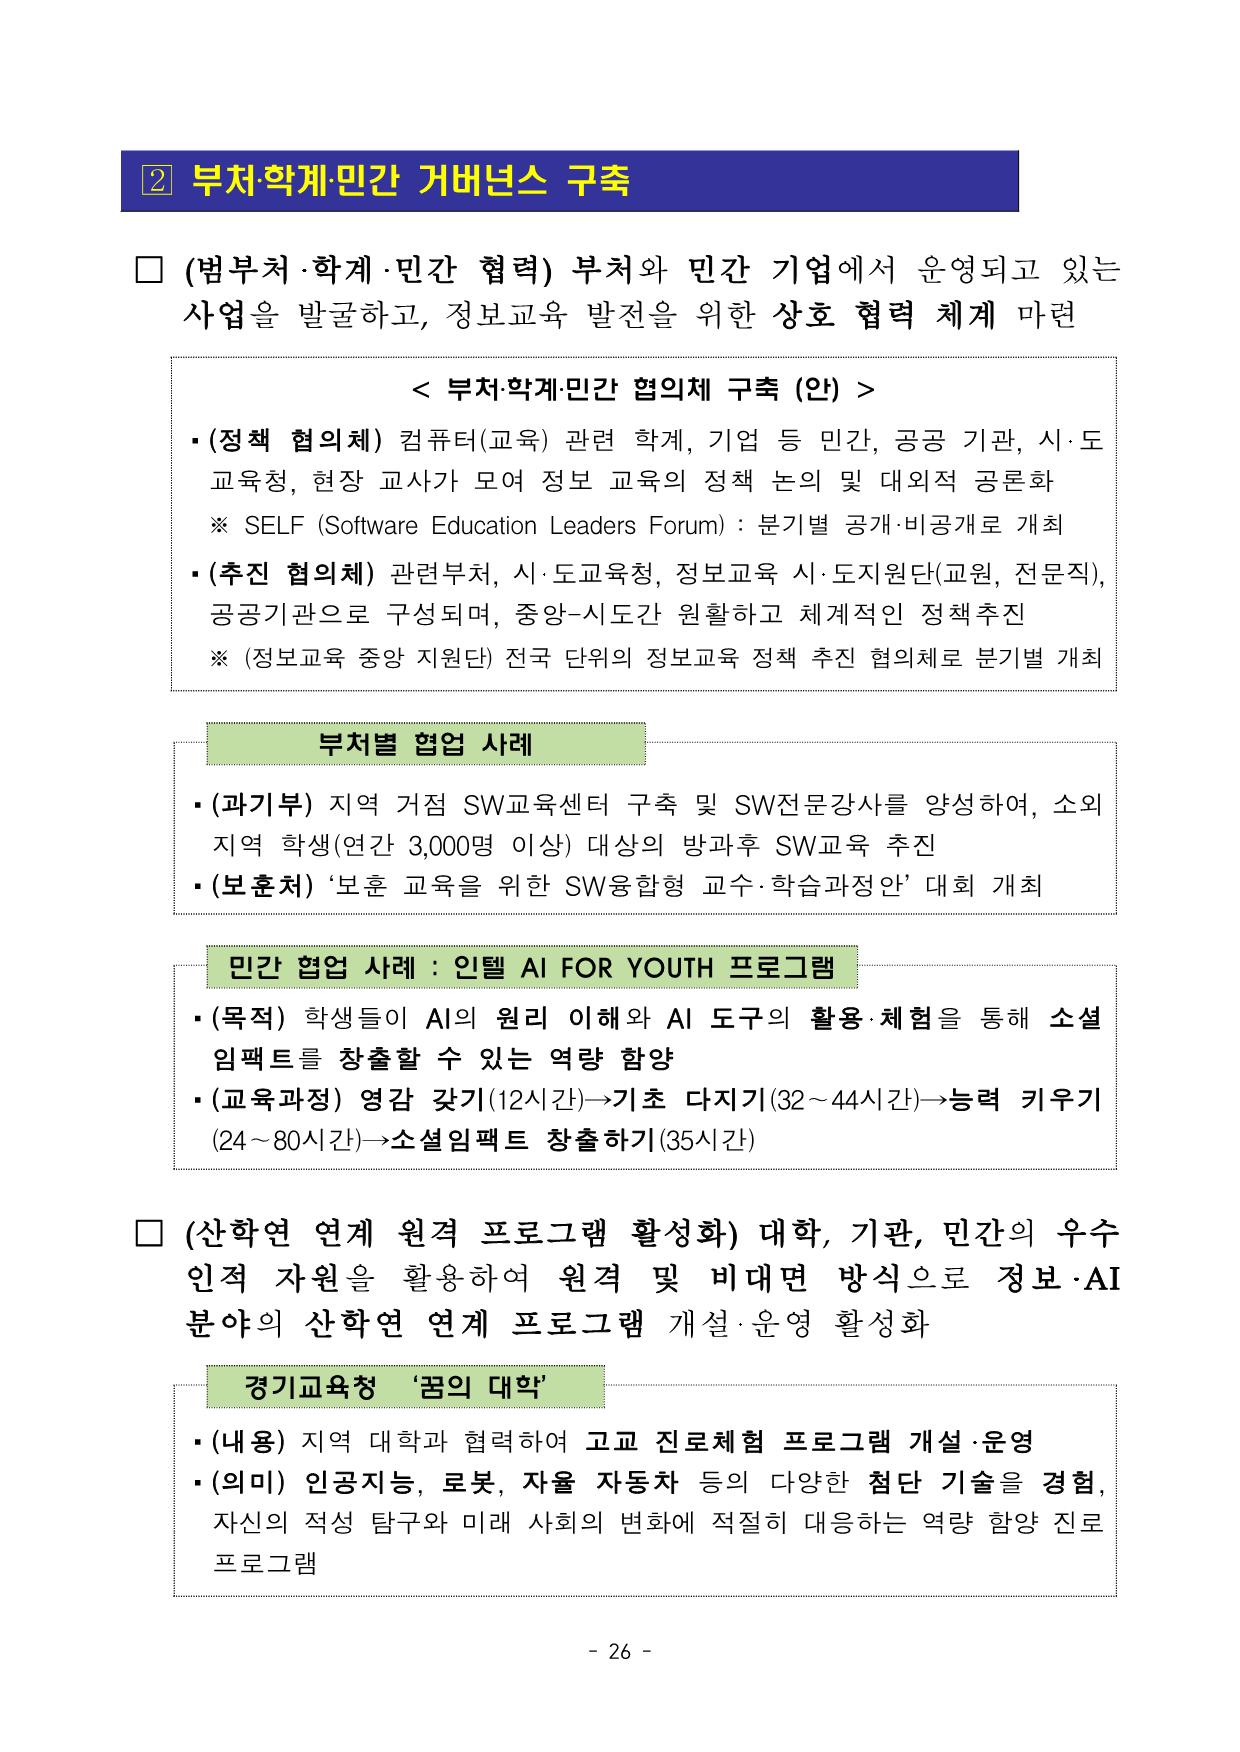 붙임 2-3. 정보교육 종합계획(안)_28.png